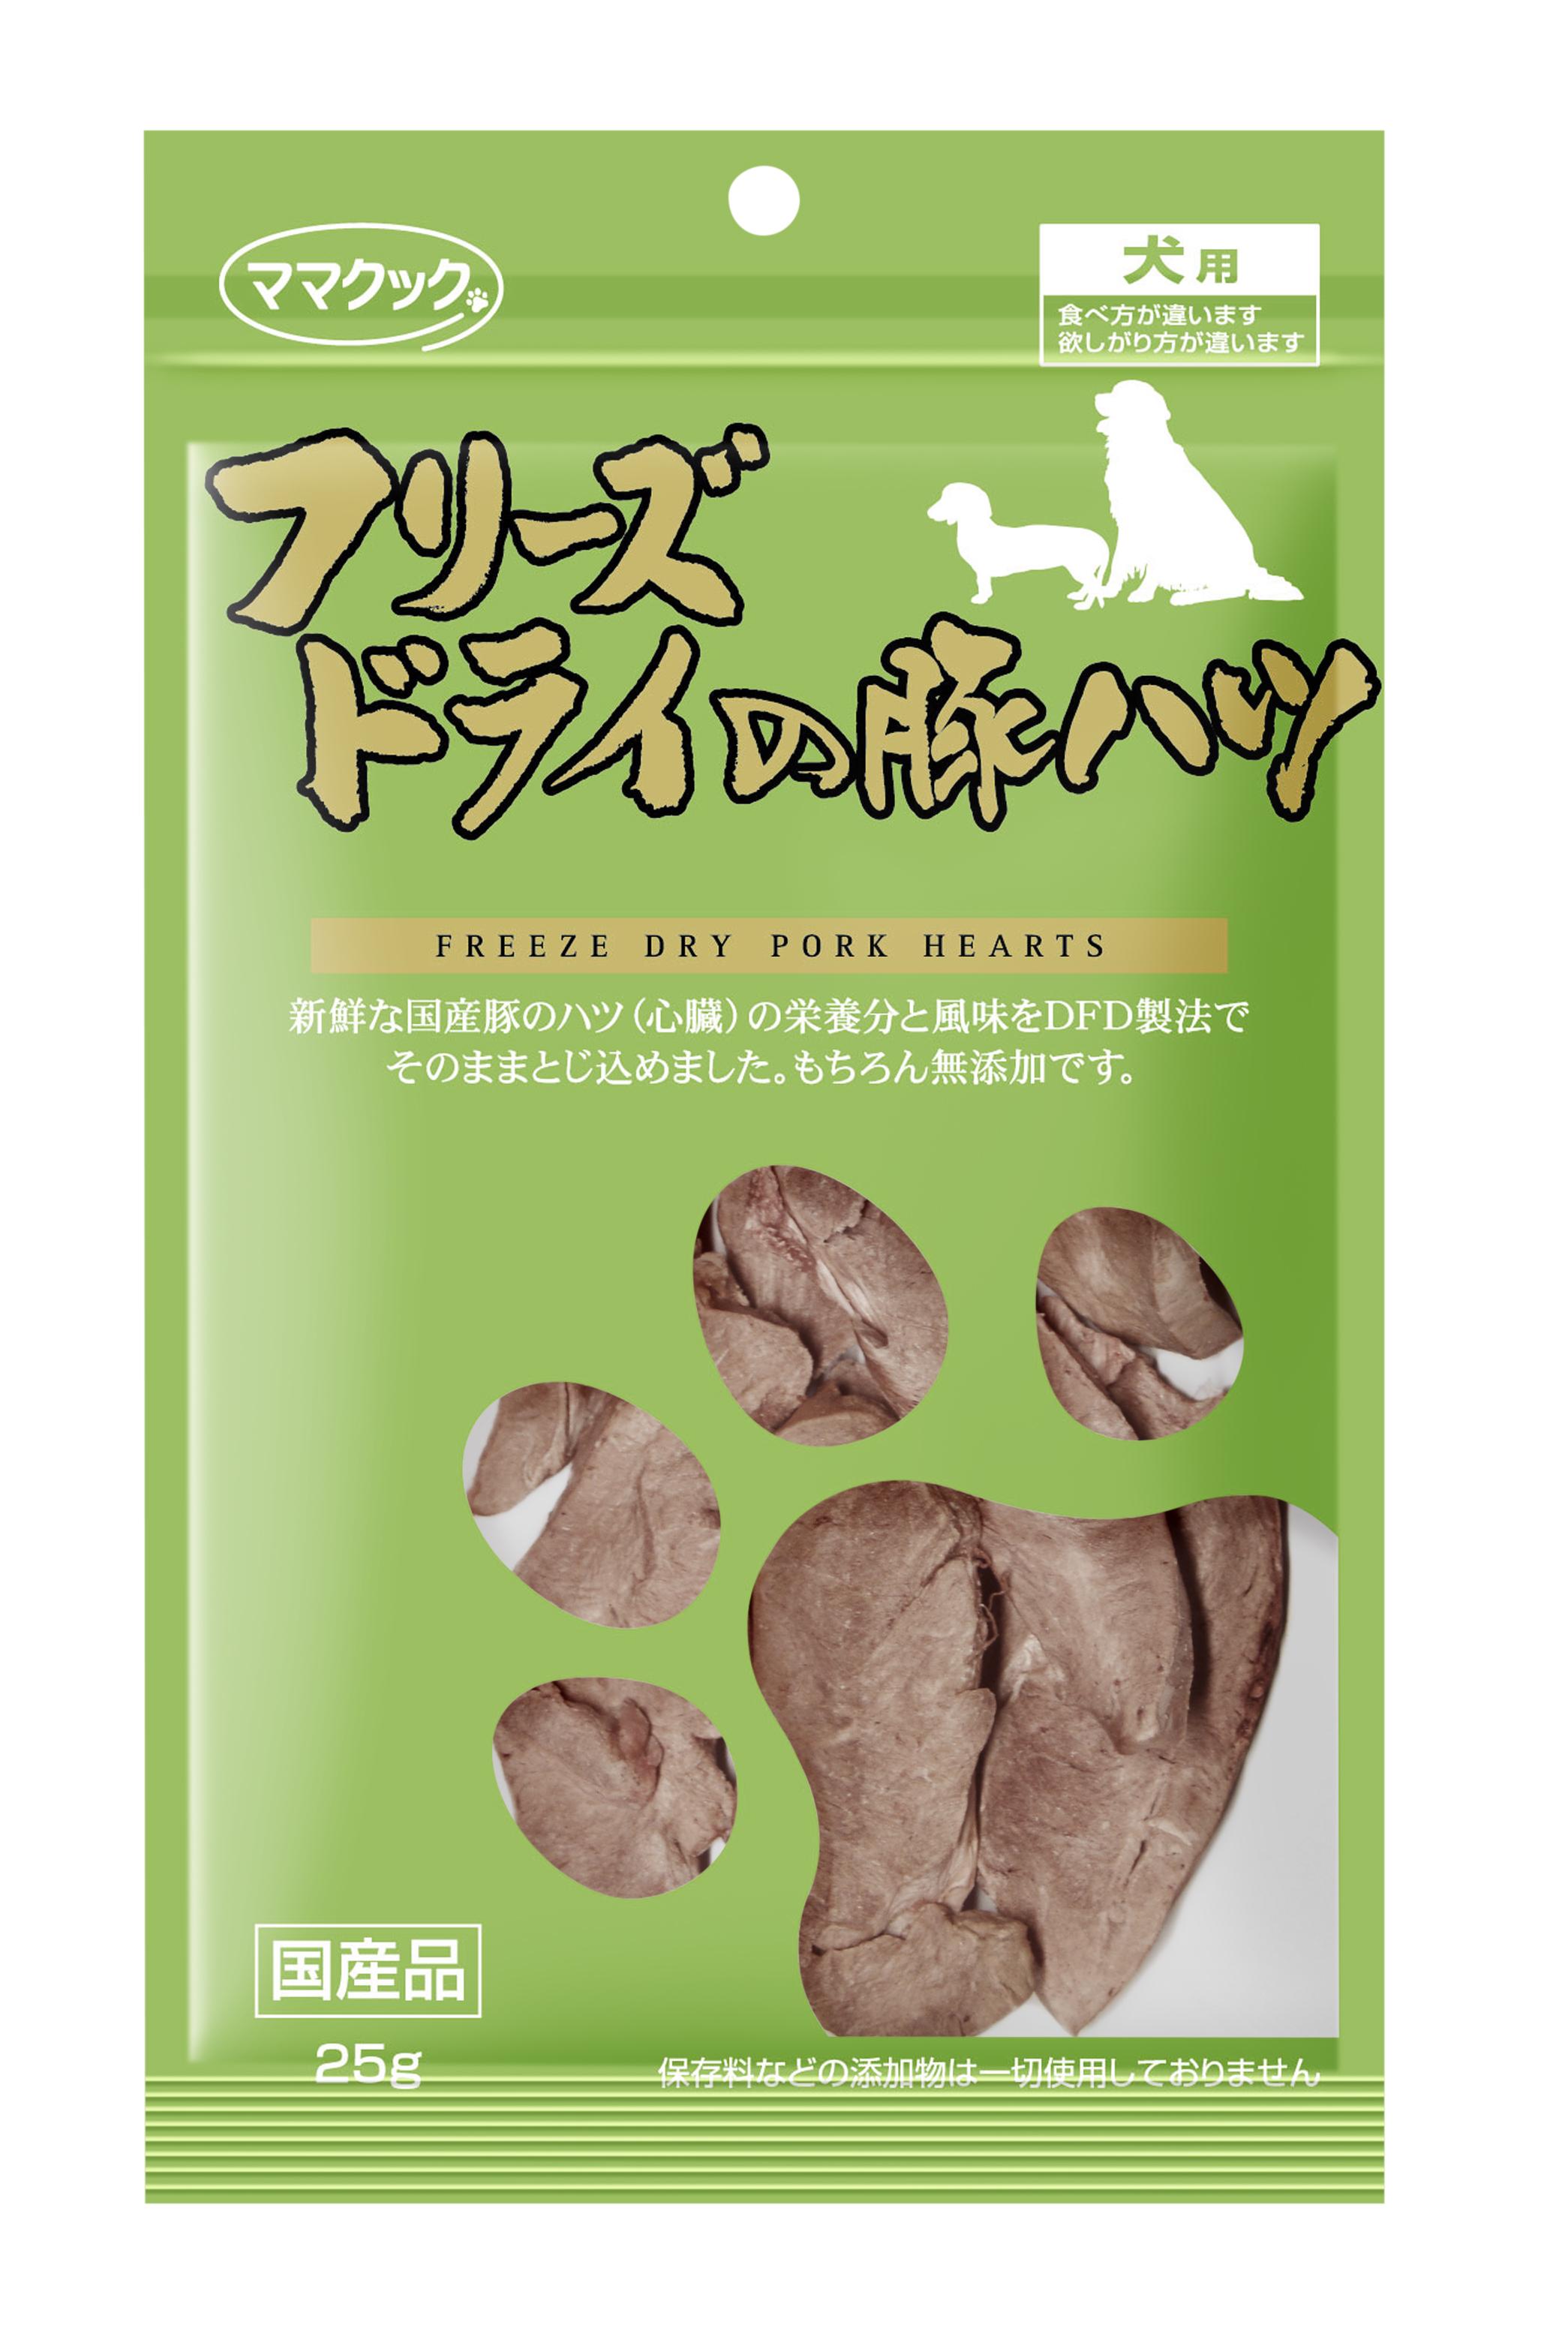 フリーズドライの豚ハツ 犬用 25g